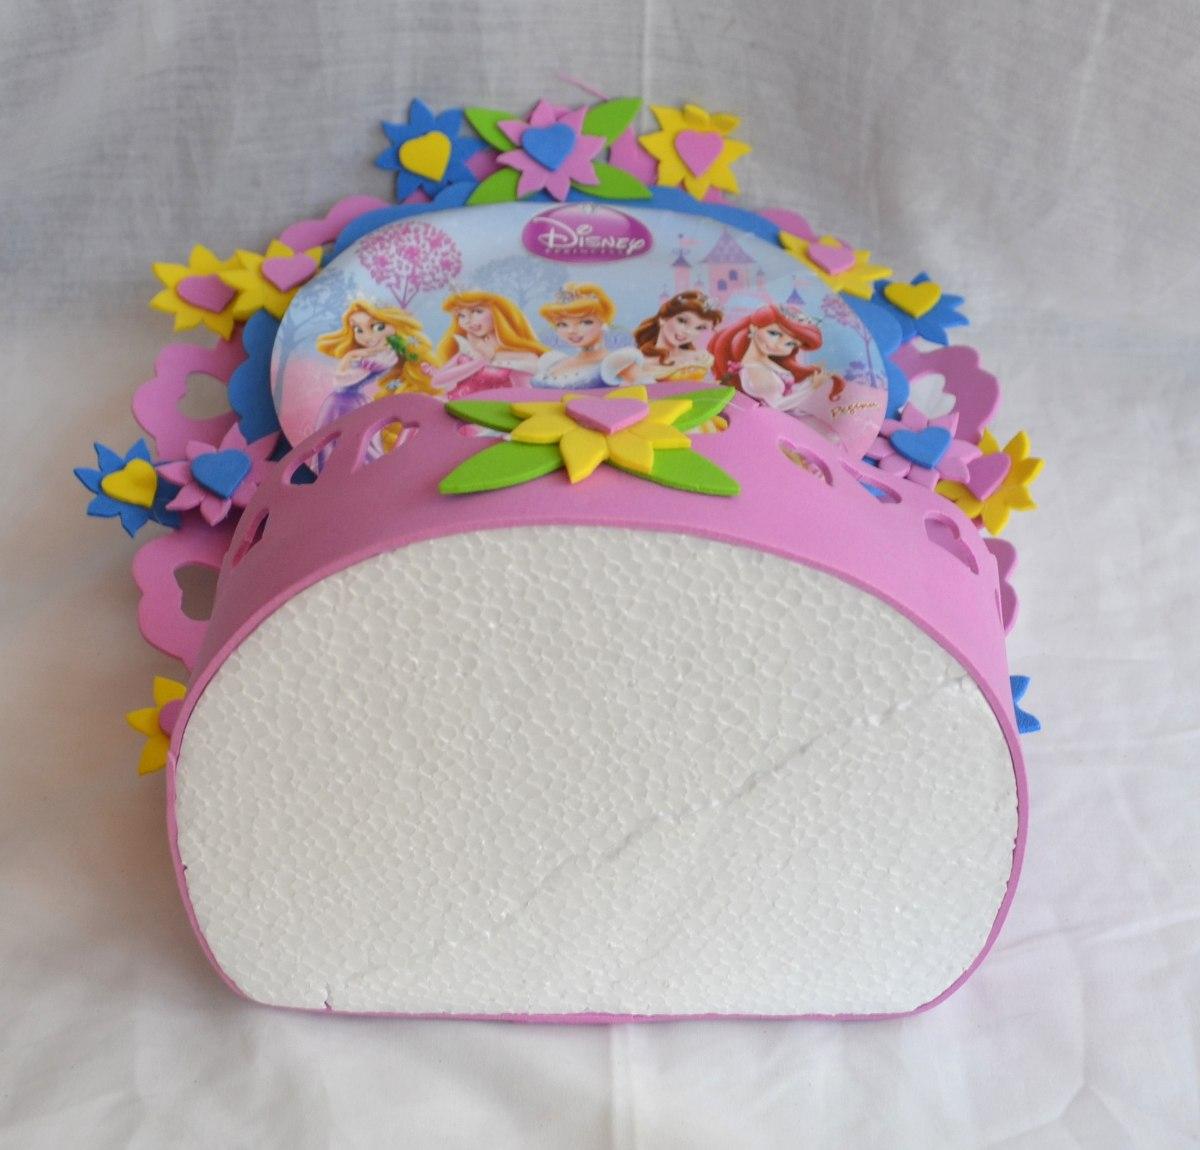 Enfeite centro mesa festa infantil princesas disney 35cm - Mesas infantiles disney ...